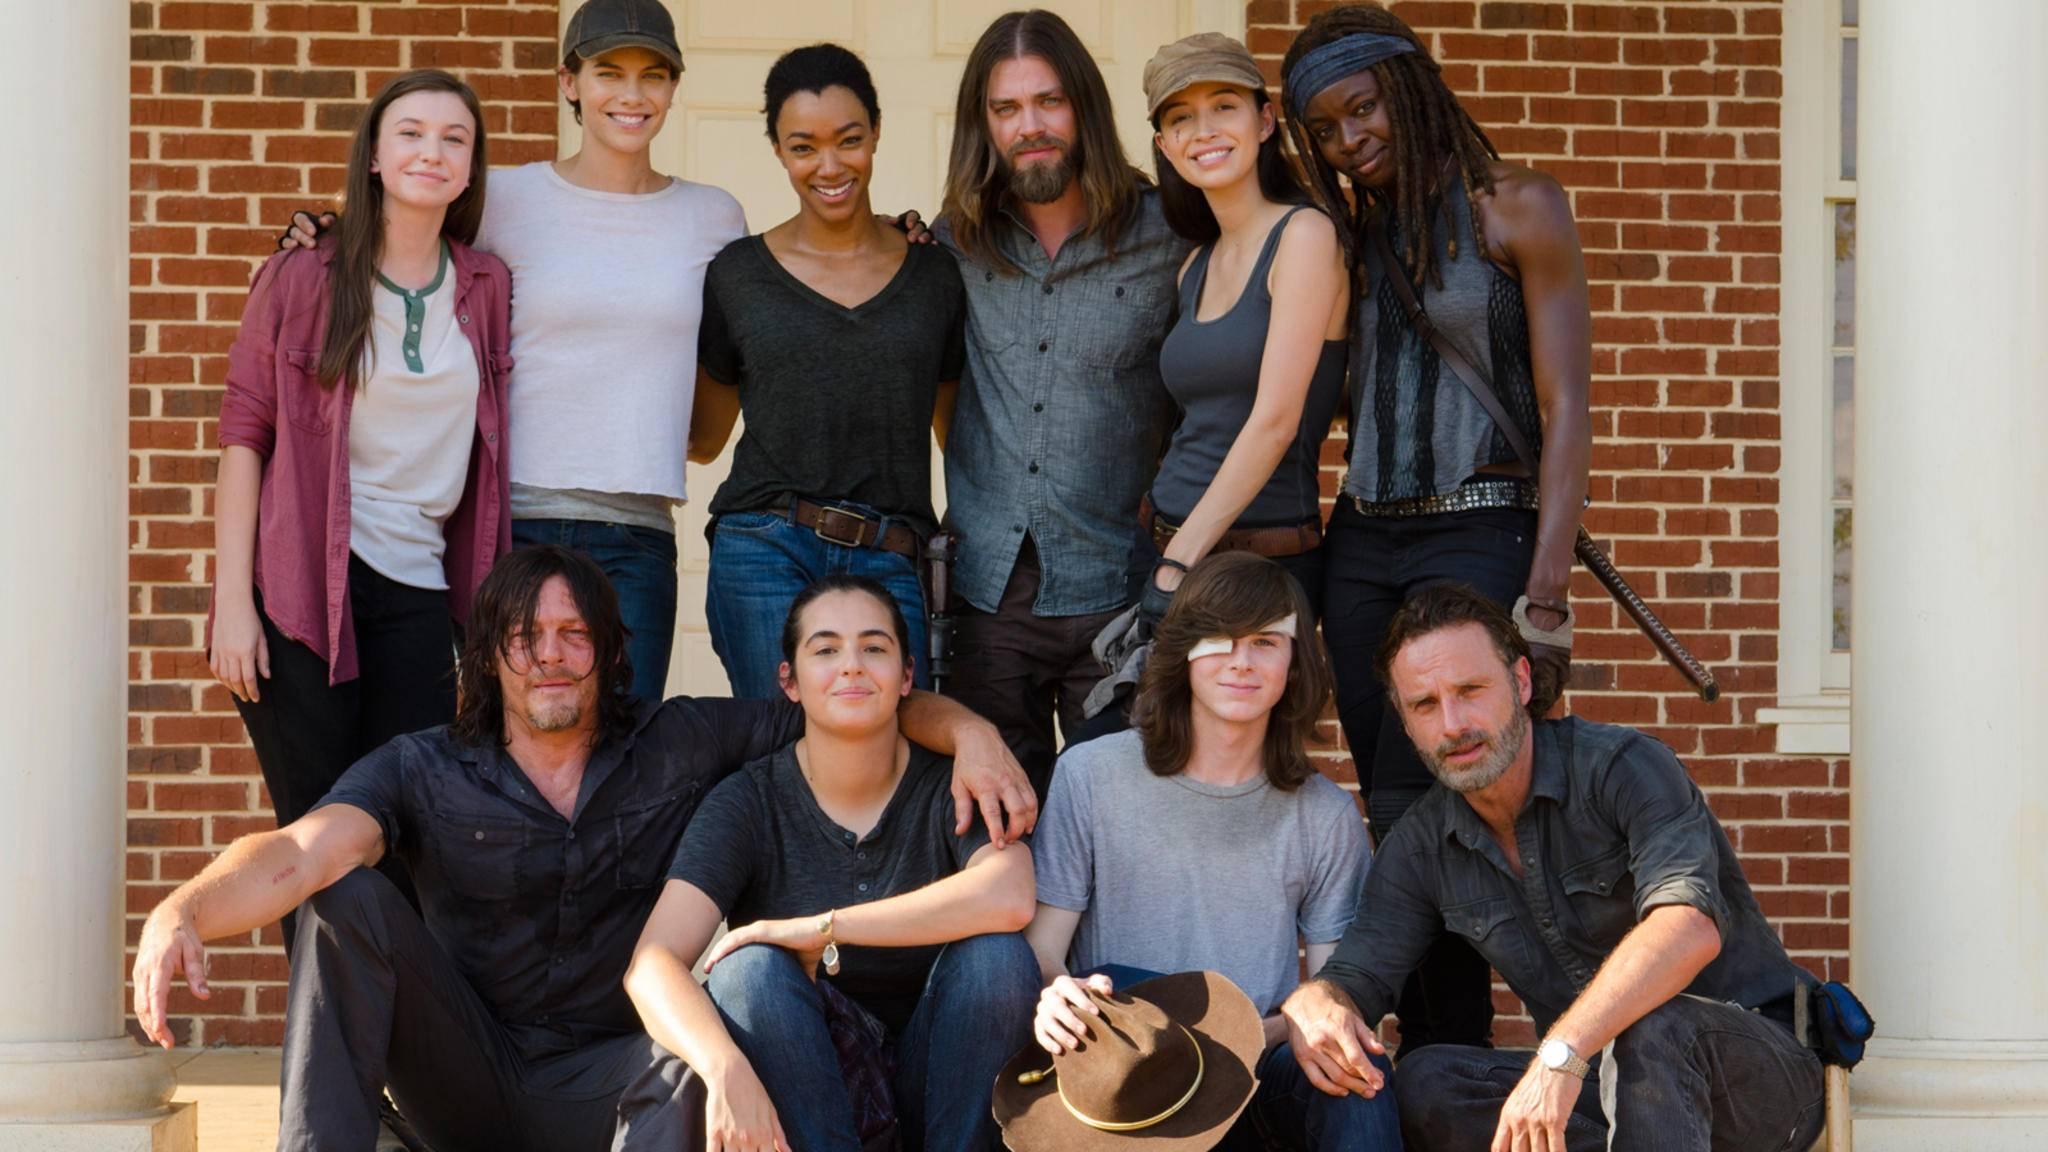 """Welche Schauspieler verkörpern eigentlich Maggie, Rick und Co.? Wir stellen Dir die Besetzungen der """"The Walking Dead""""-Figuren vor."""